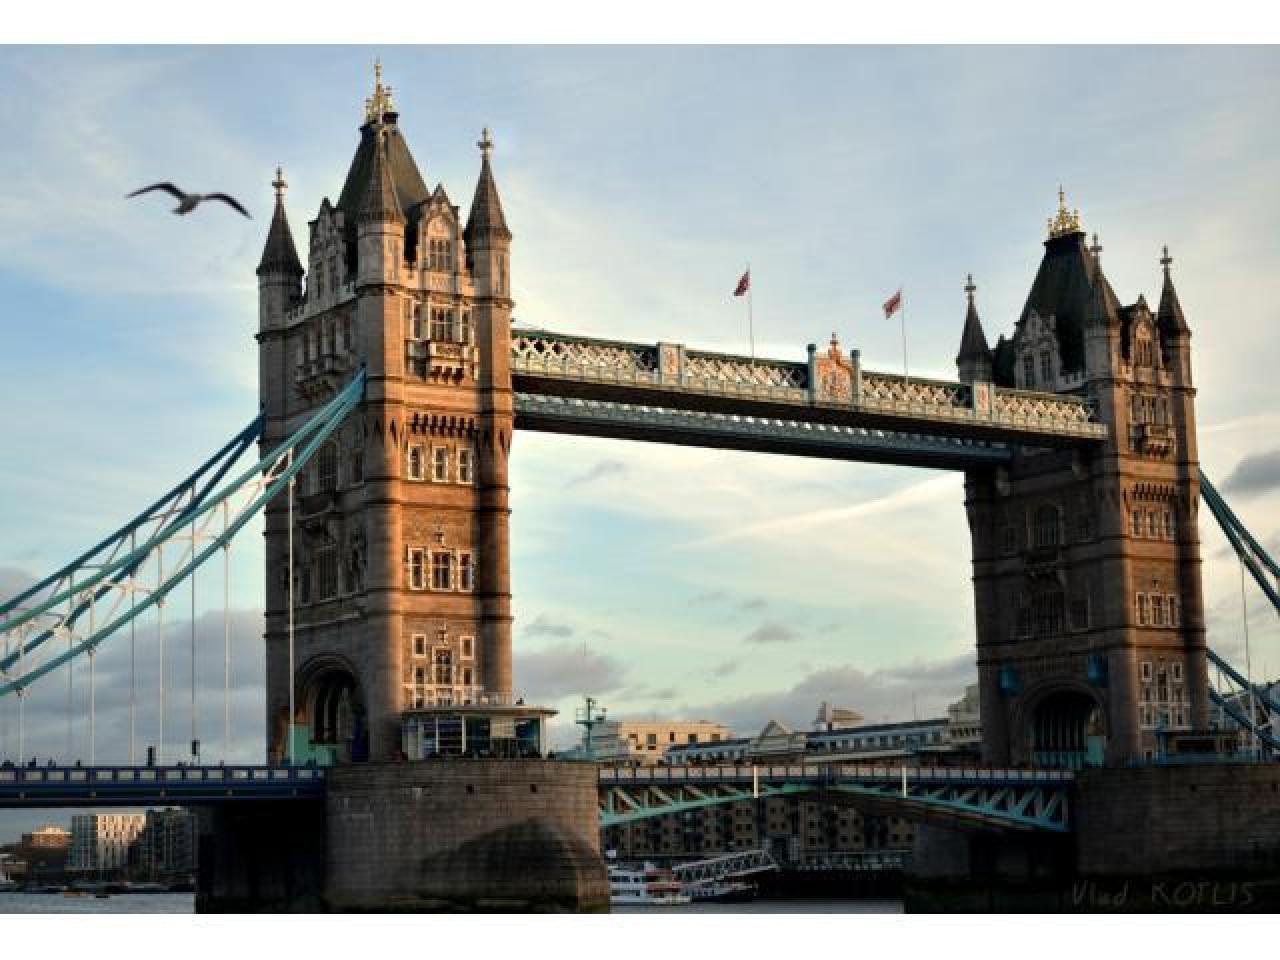 Фотограф в Лондоне. - 1